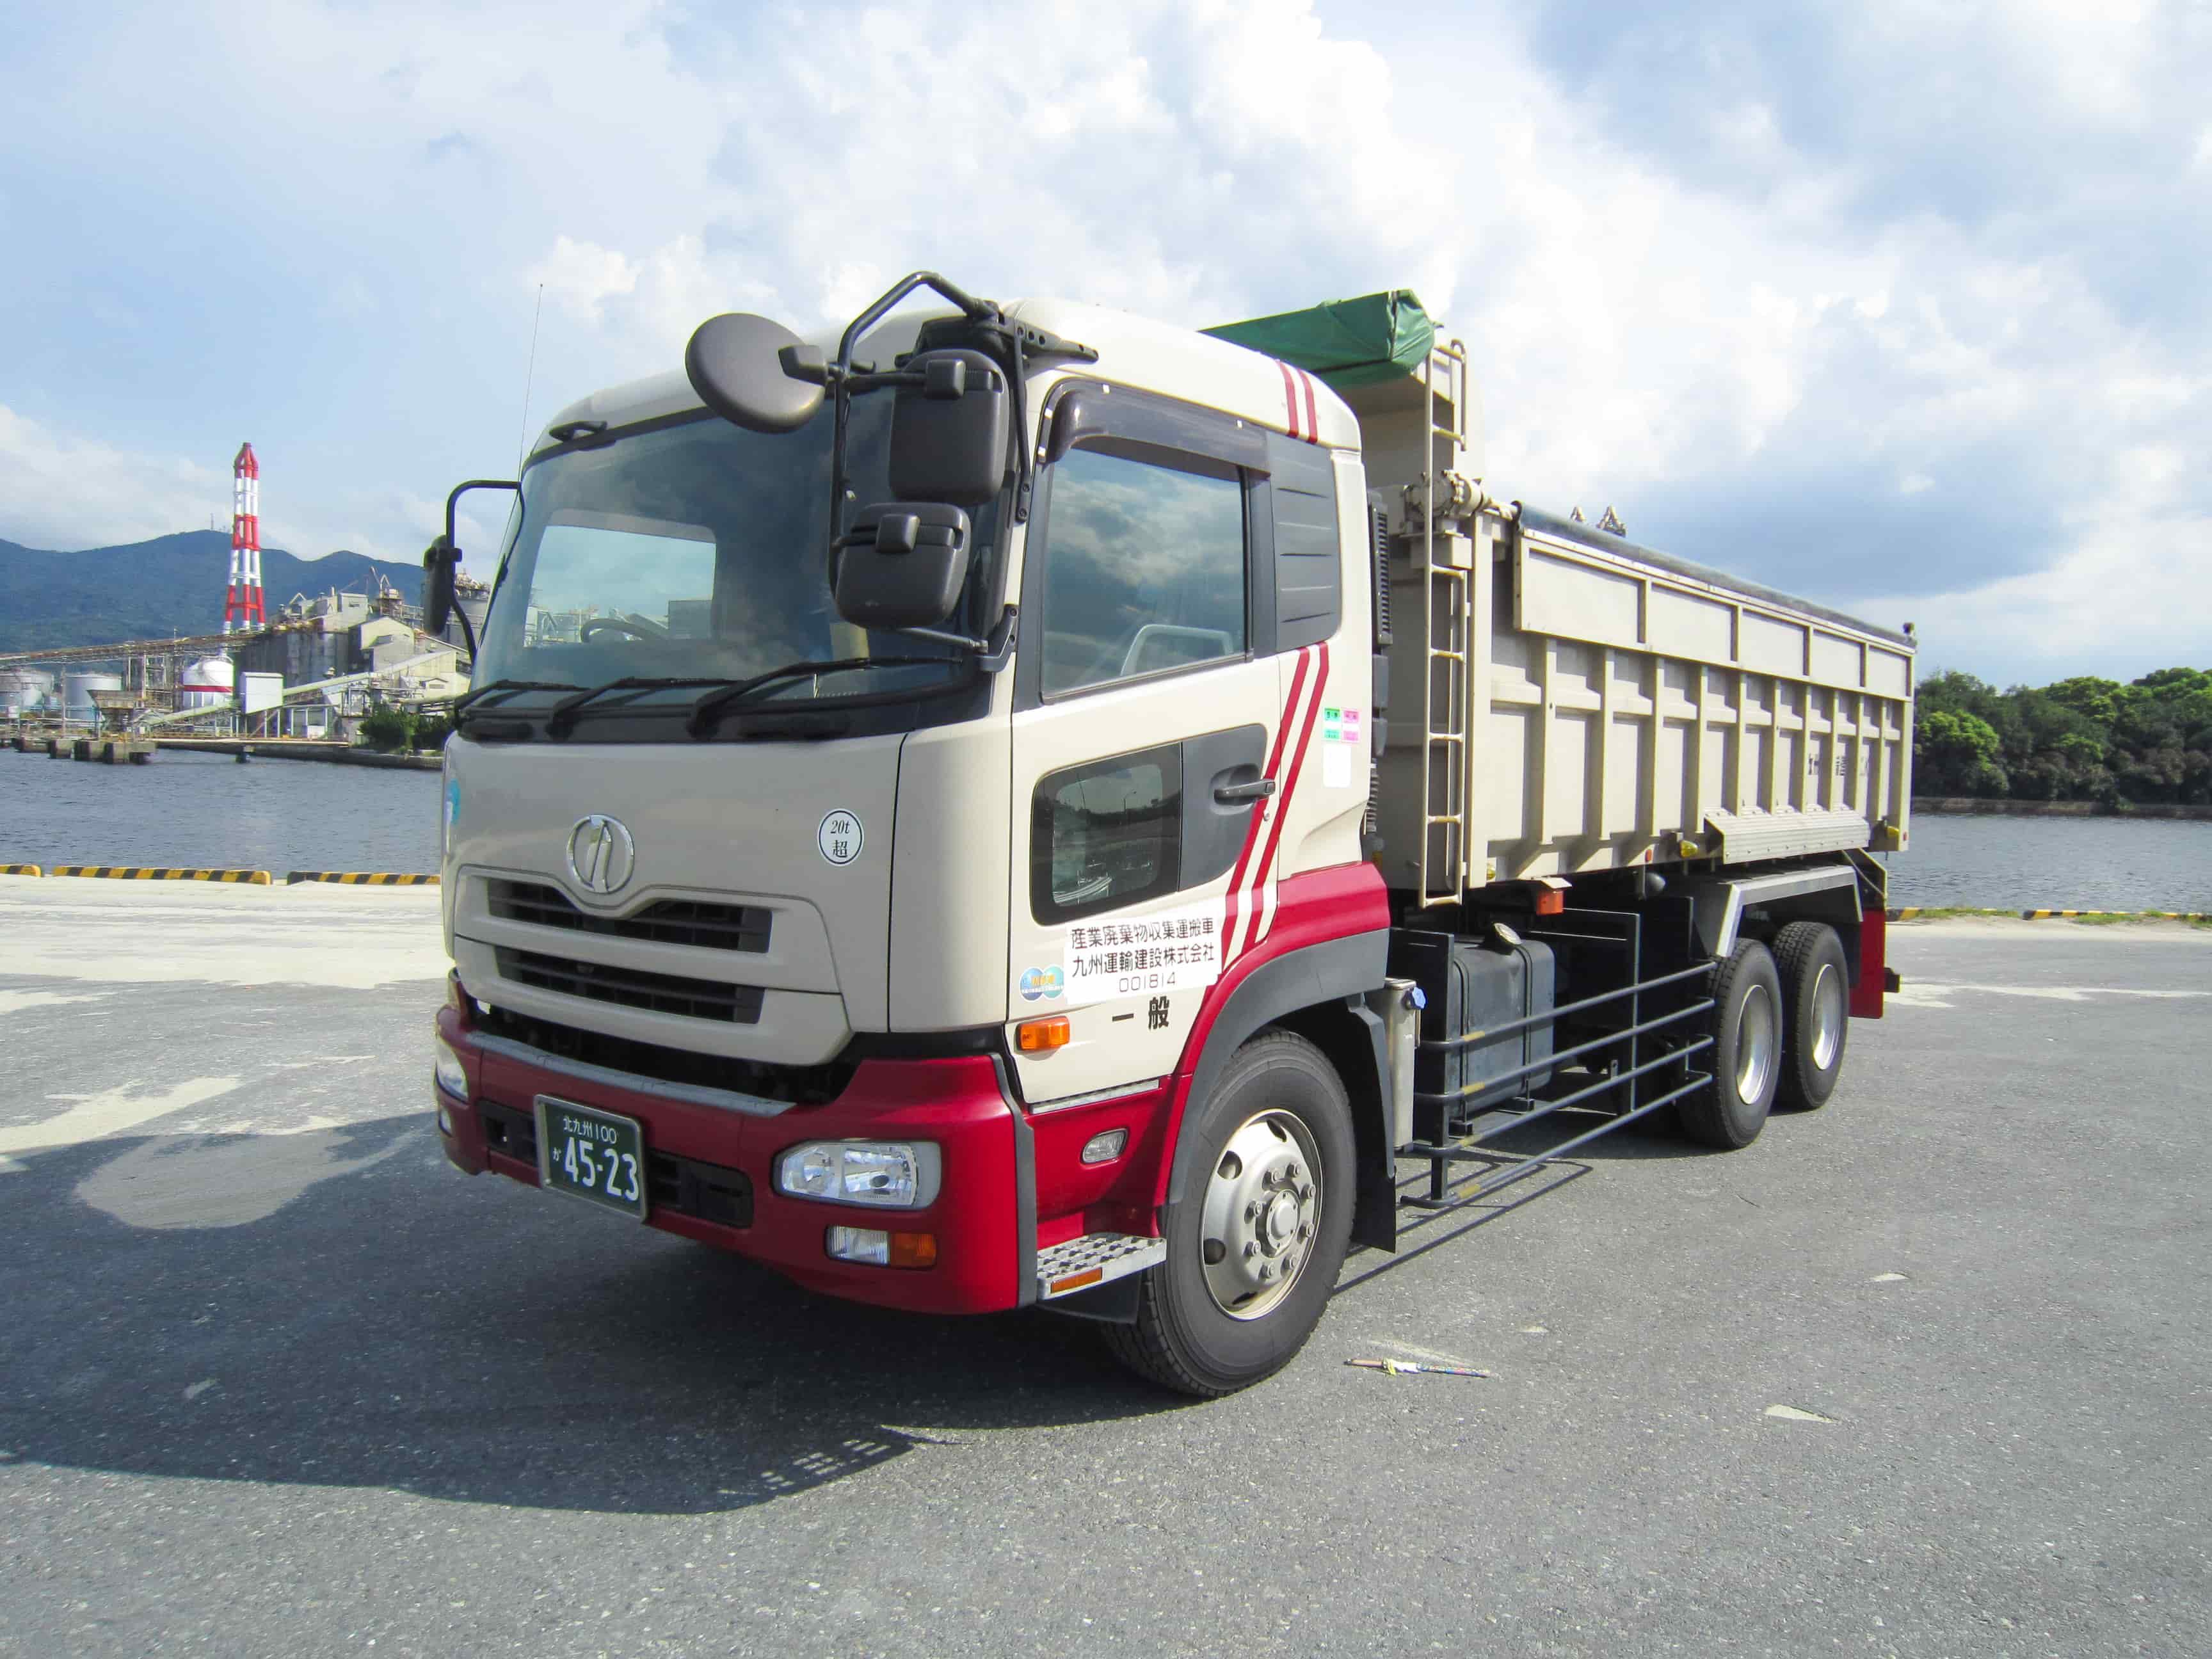 工場構内で原材料を10tダンプ車に積み込む 採用情報 九州運輸建設株式会社 北九州市